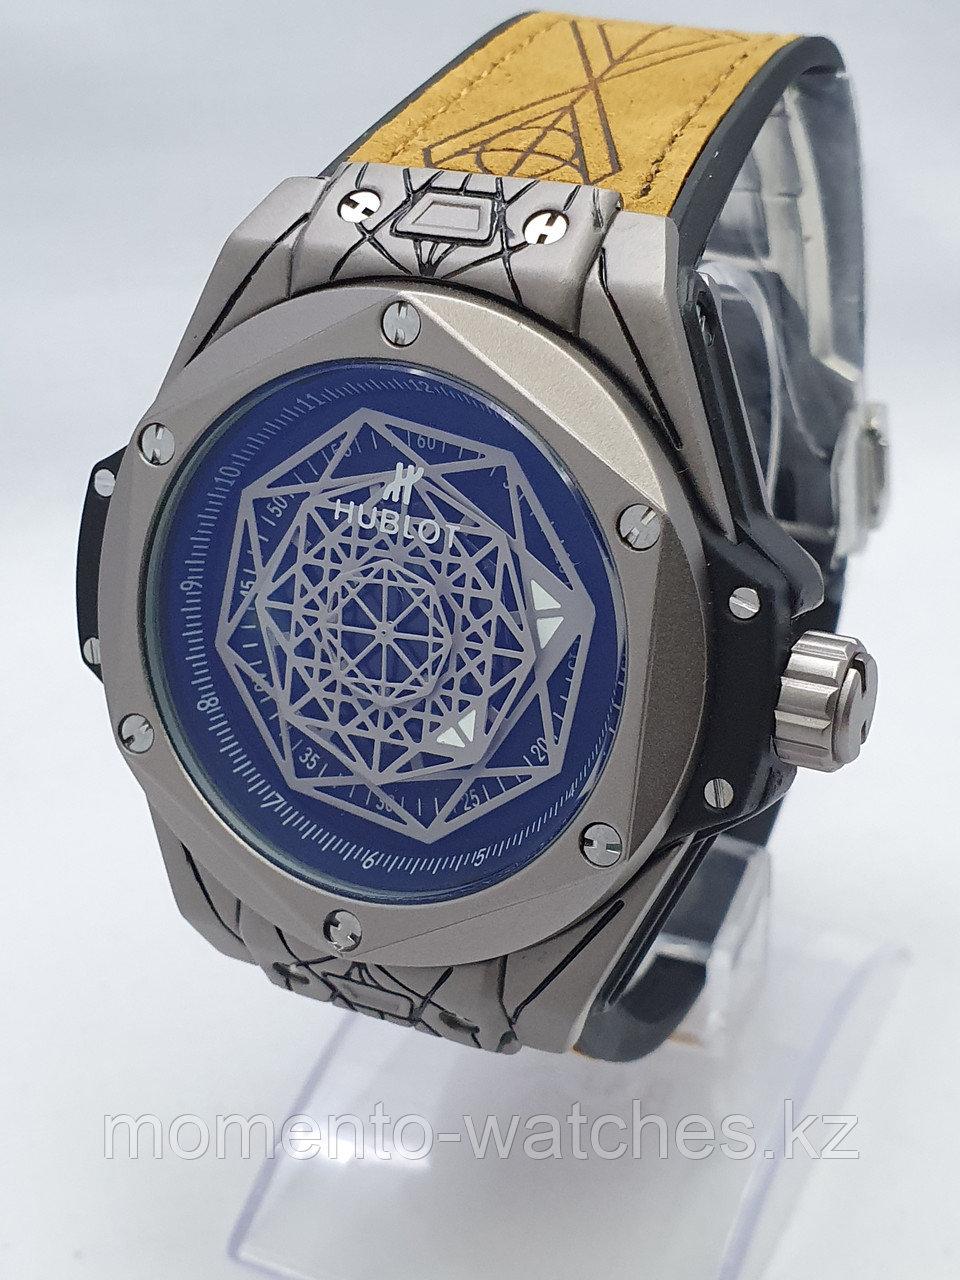 Мужские часы Hublot Unico